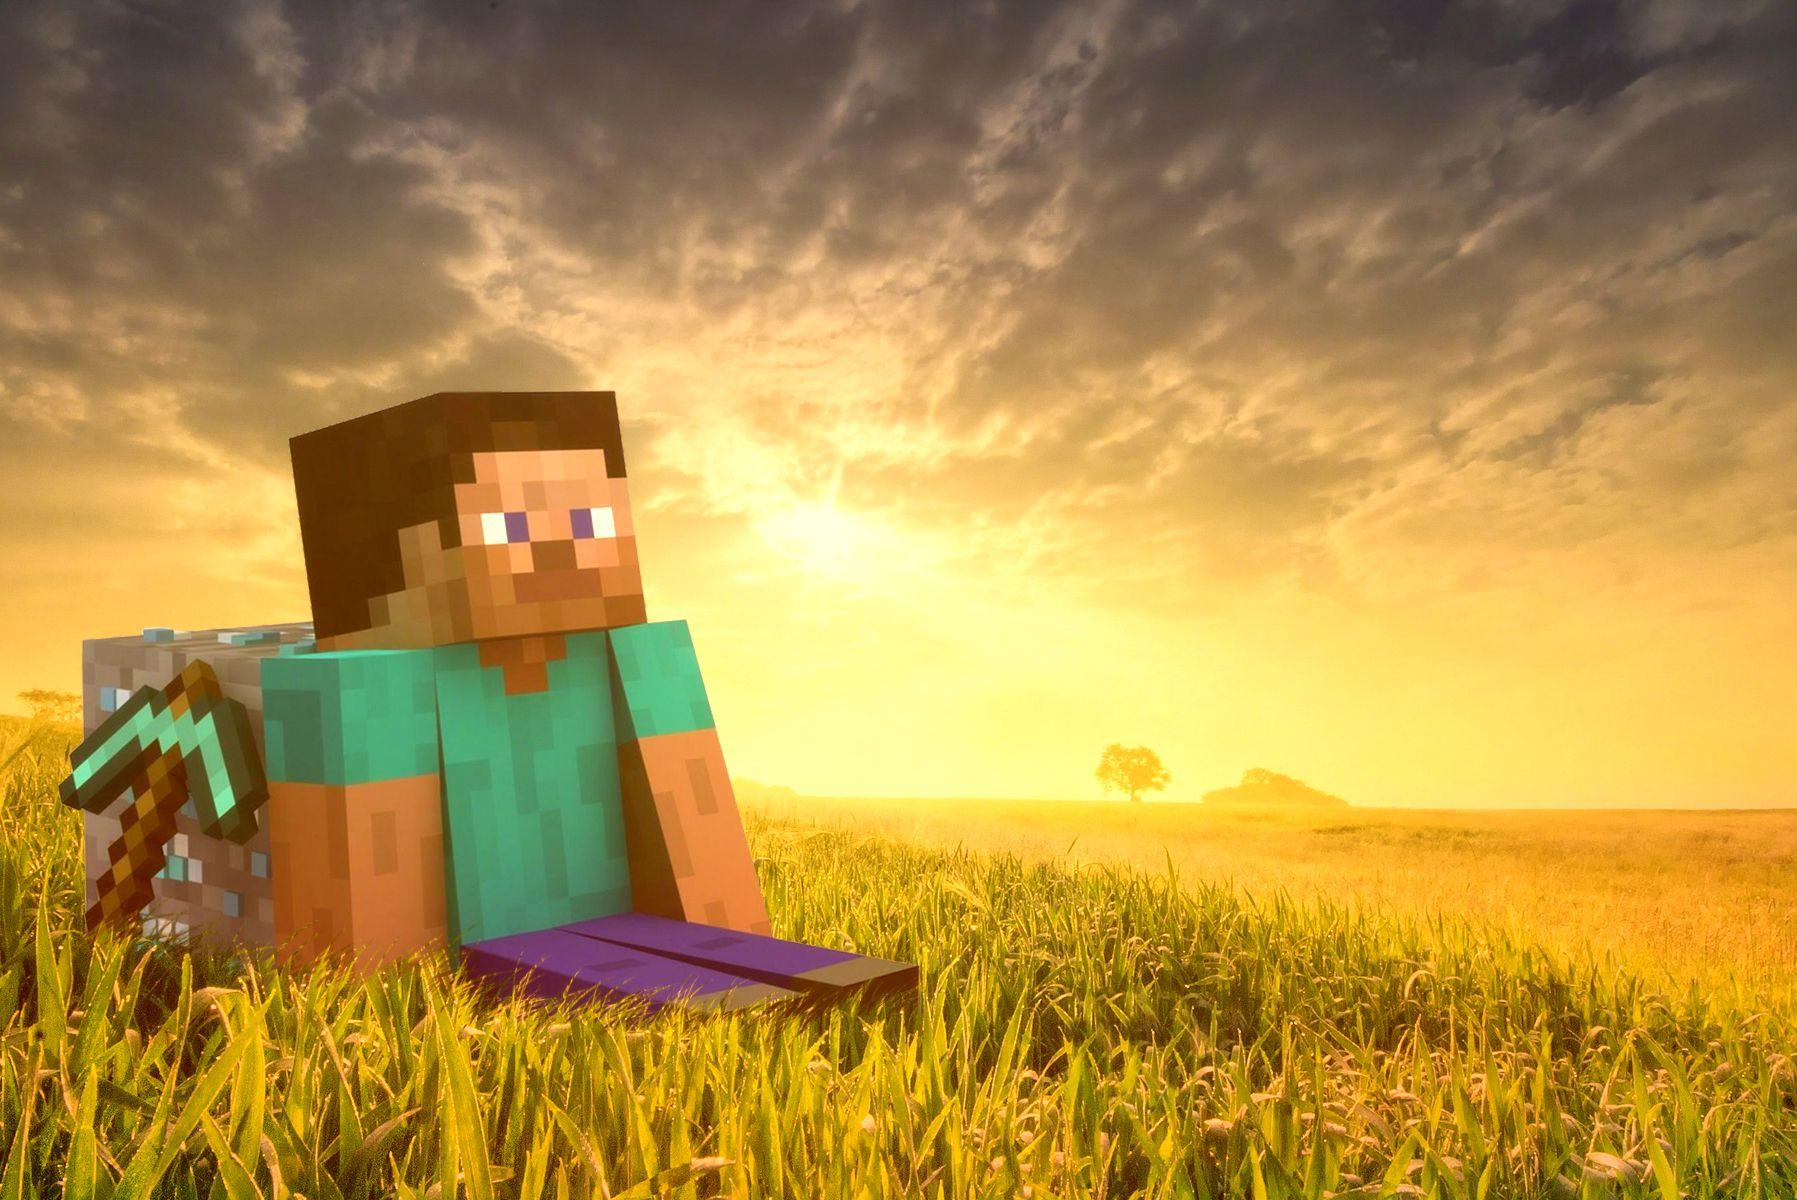 PlayStation 3 Save Games von Minecraft können ab sofort auf PS4 übertragen werden